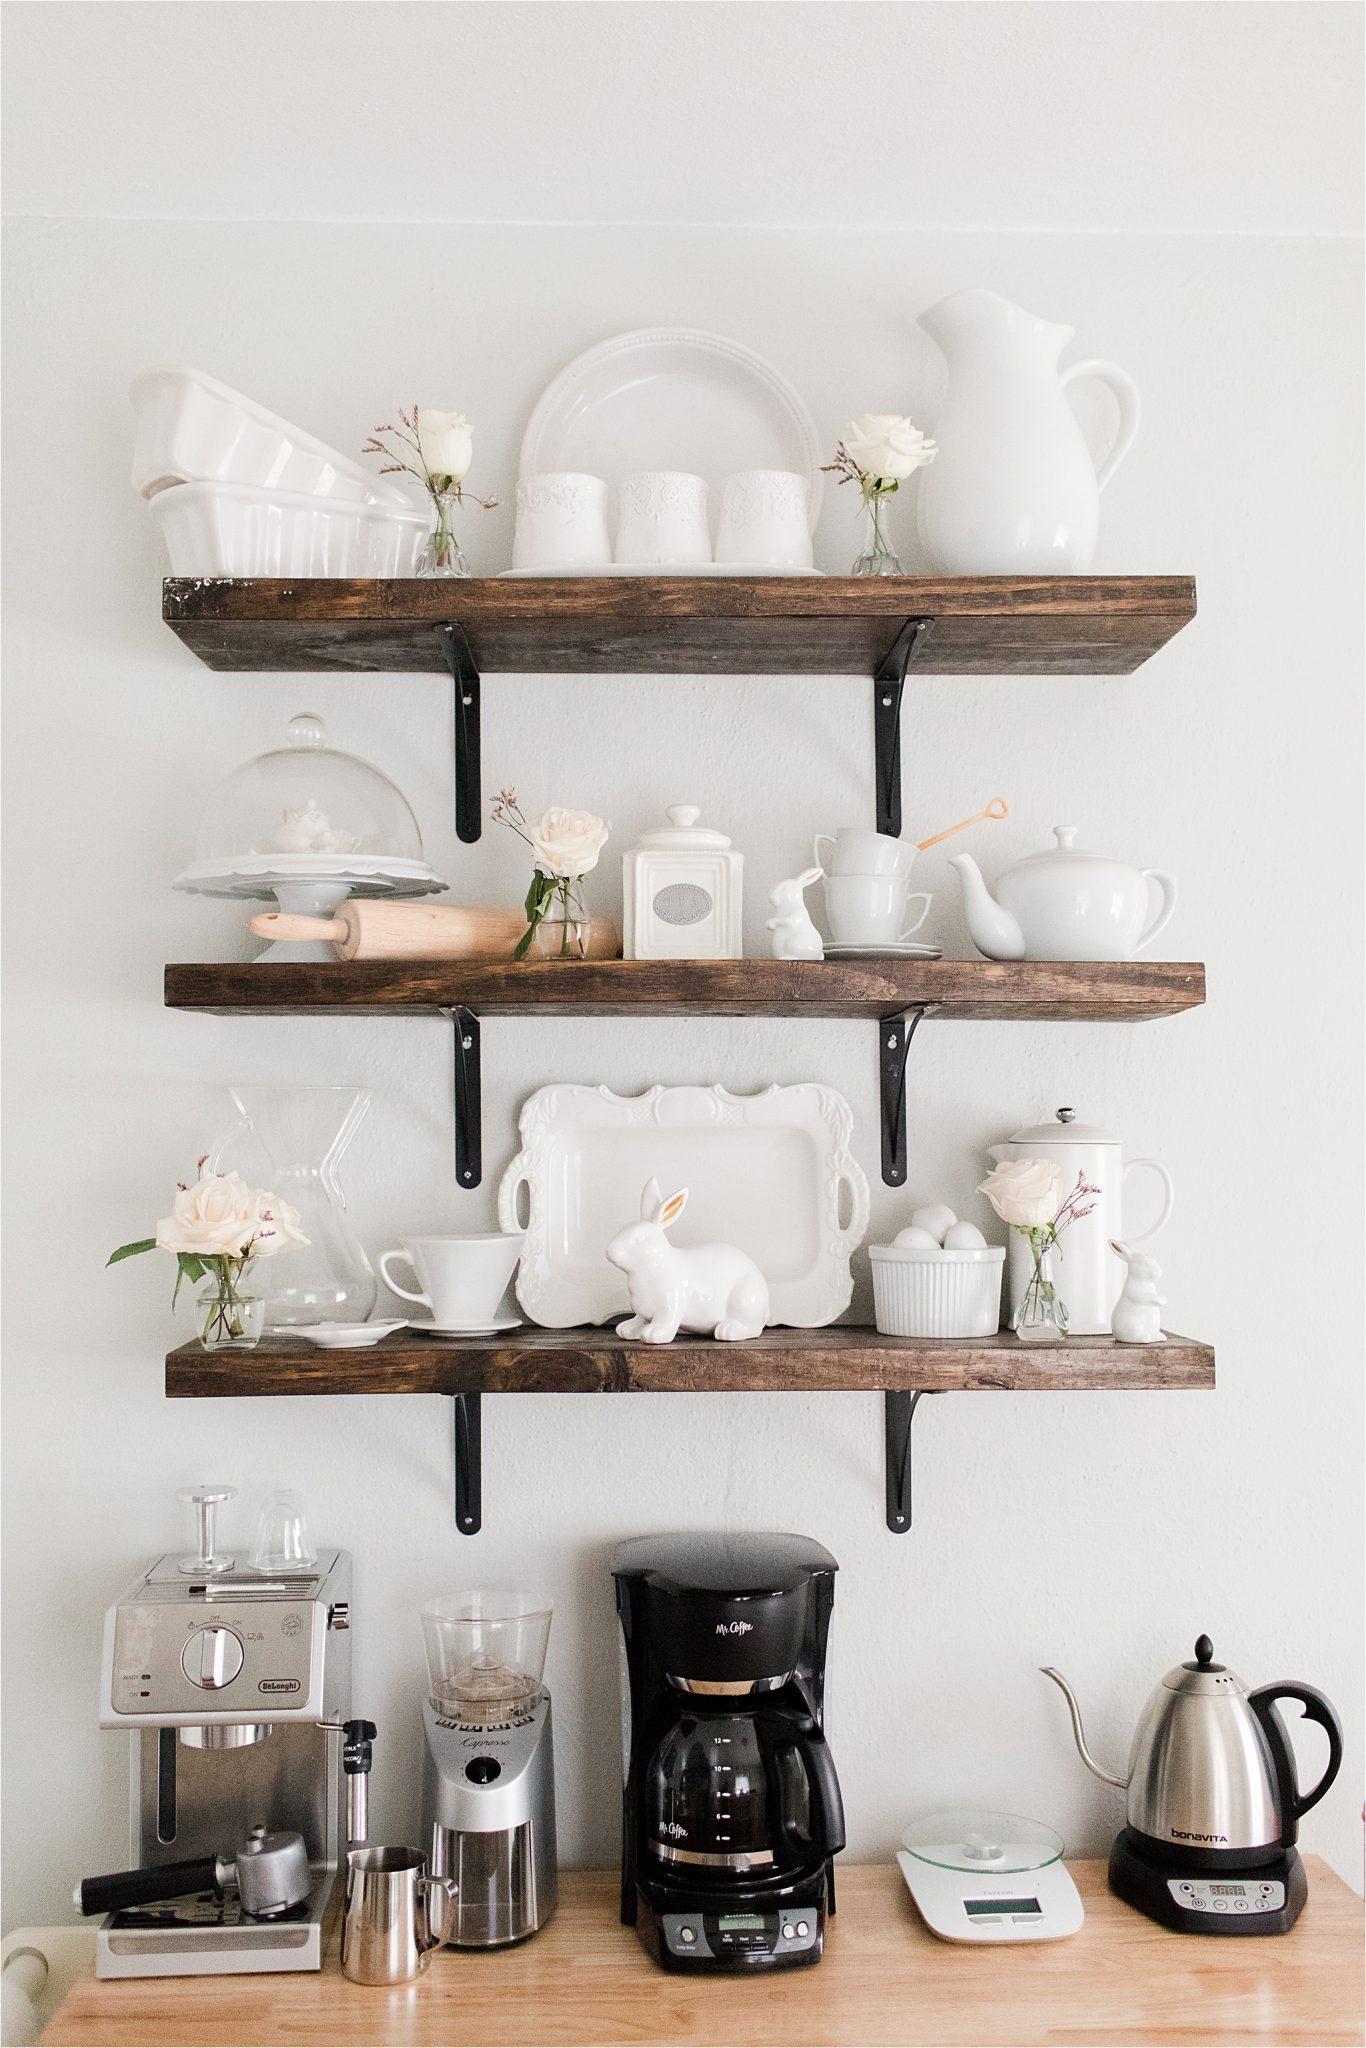 house-home-coffee-station-bar-floating-shelves-white-porcelain-decor-tea-pot-maker-grinder